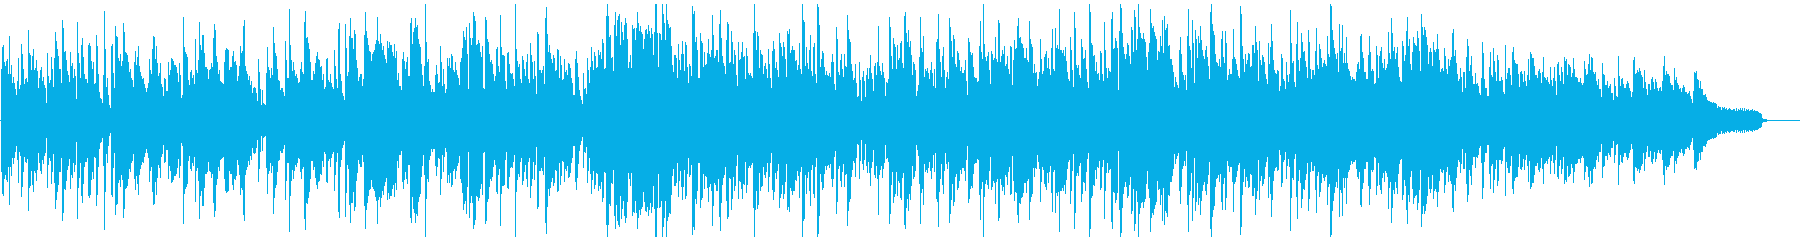 柔らかボサノバ、暖かい太い音色のメロデイの再生済みの波形